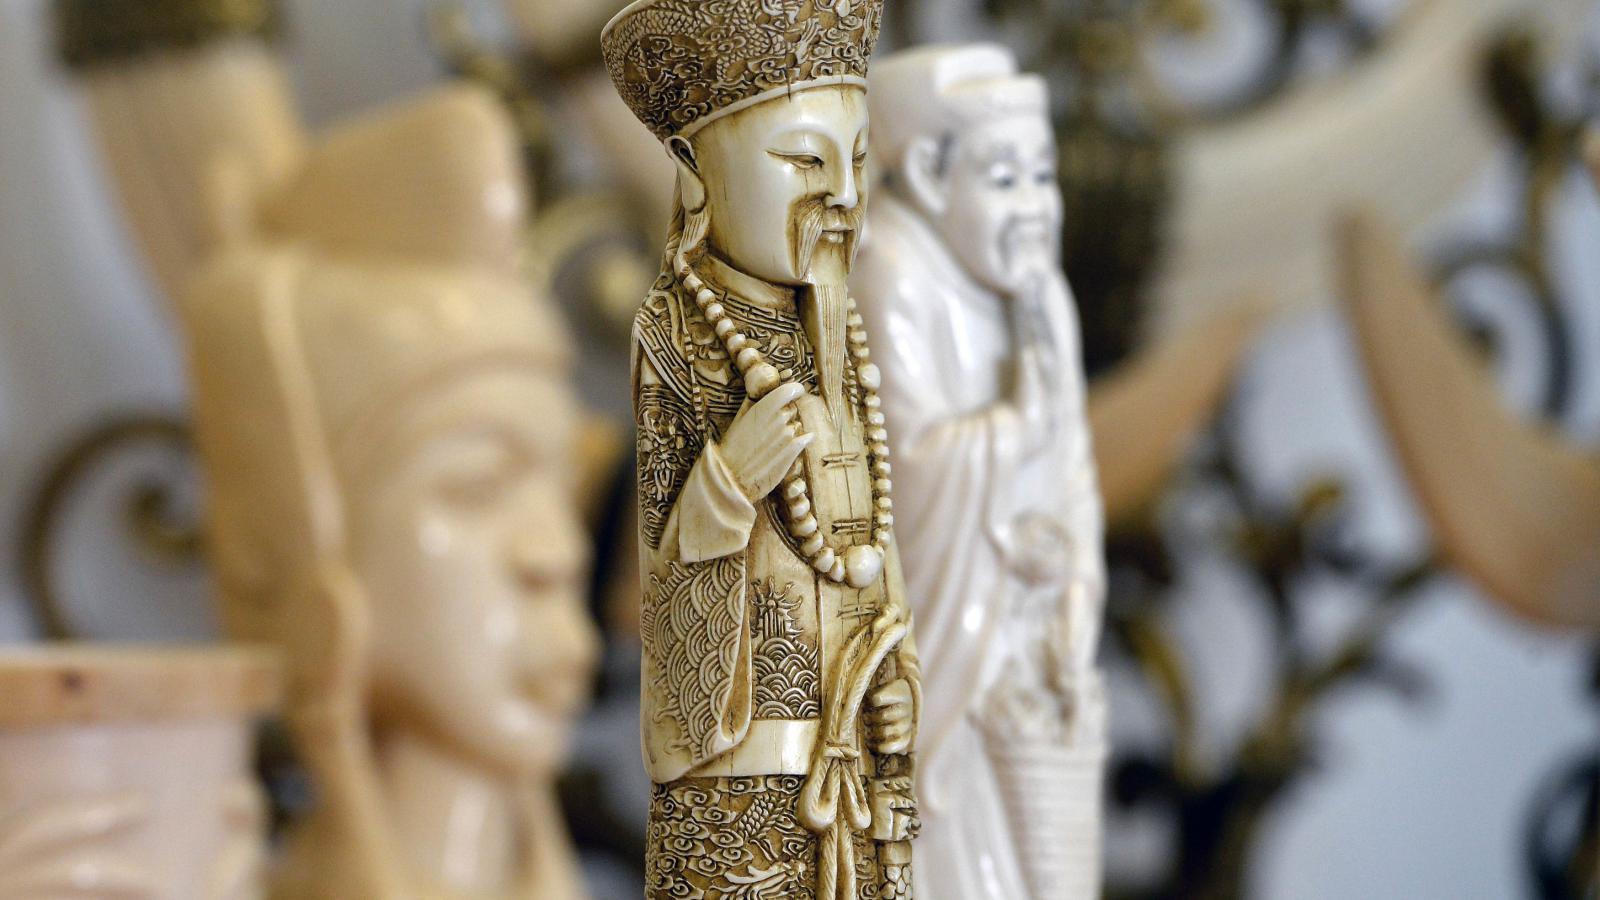 Sošky ze slonové kosti, které zabavili ruzyňští celníci